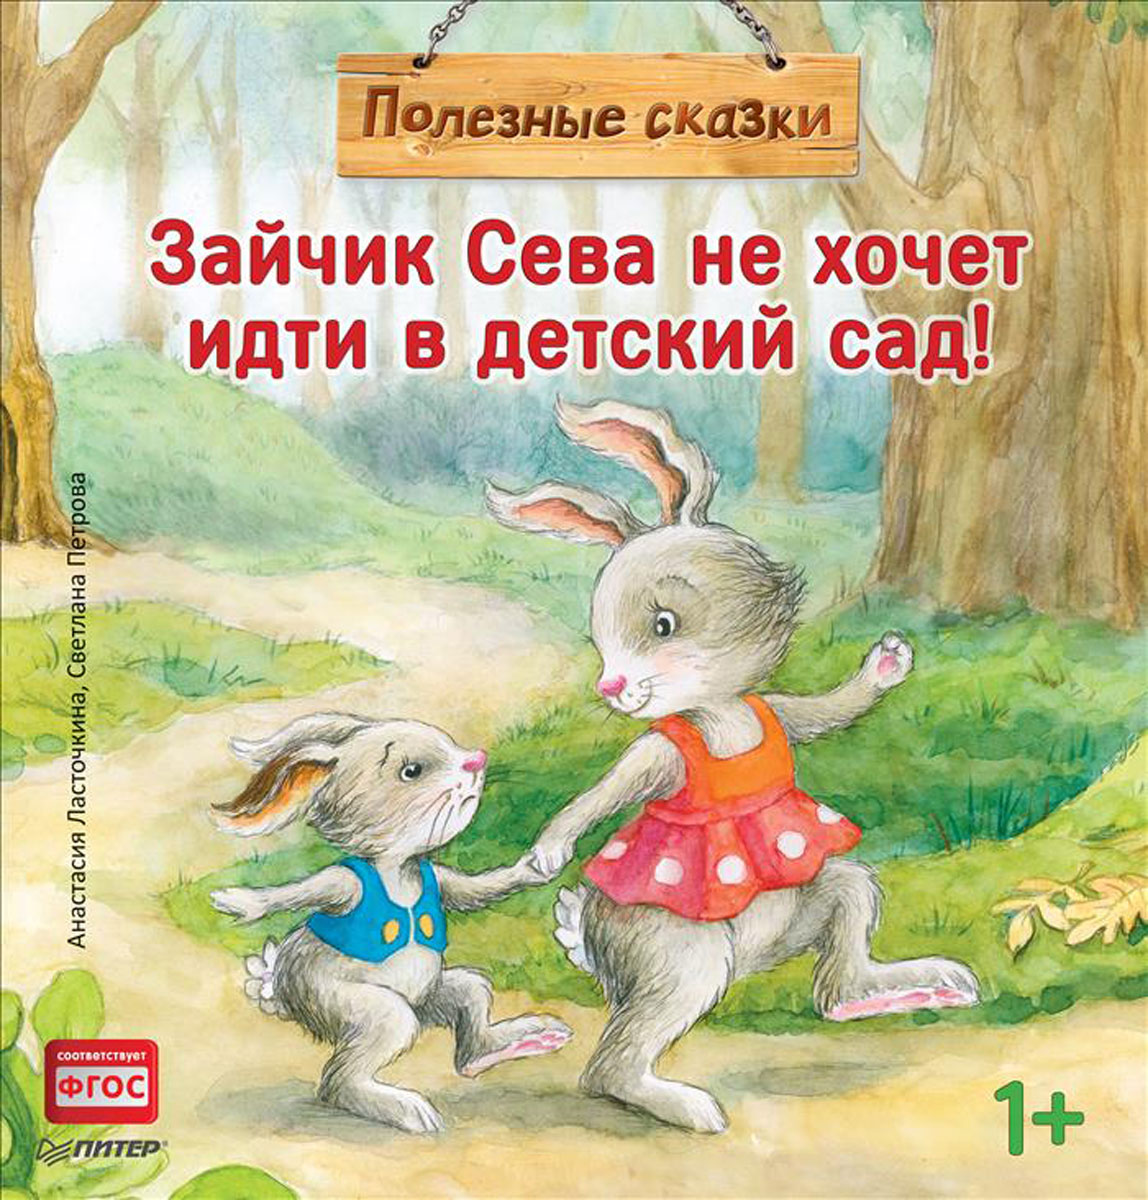 Зайчик Сева не хочет идти в детский сад!